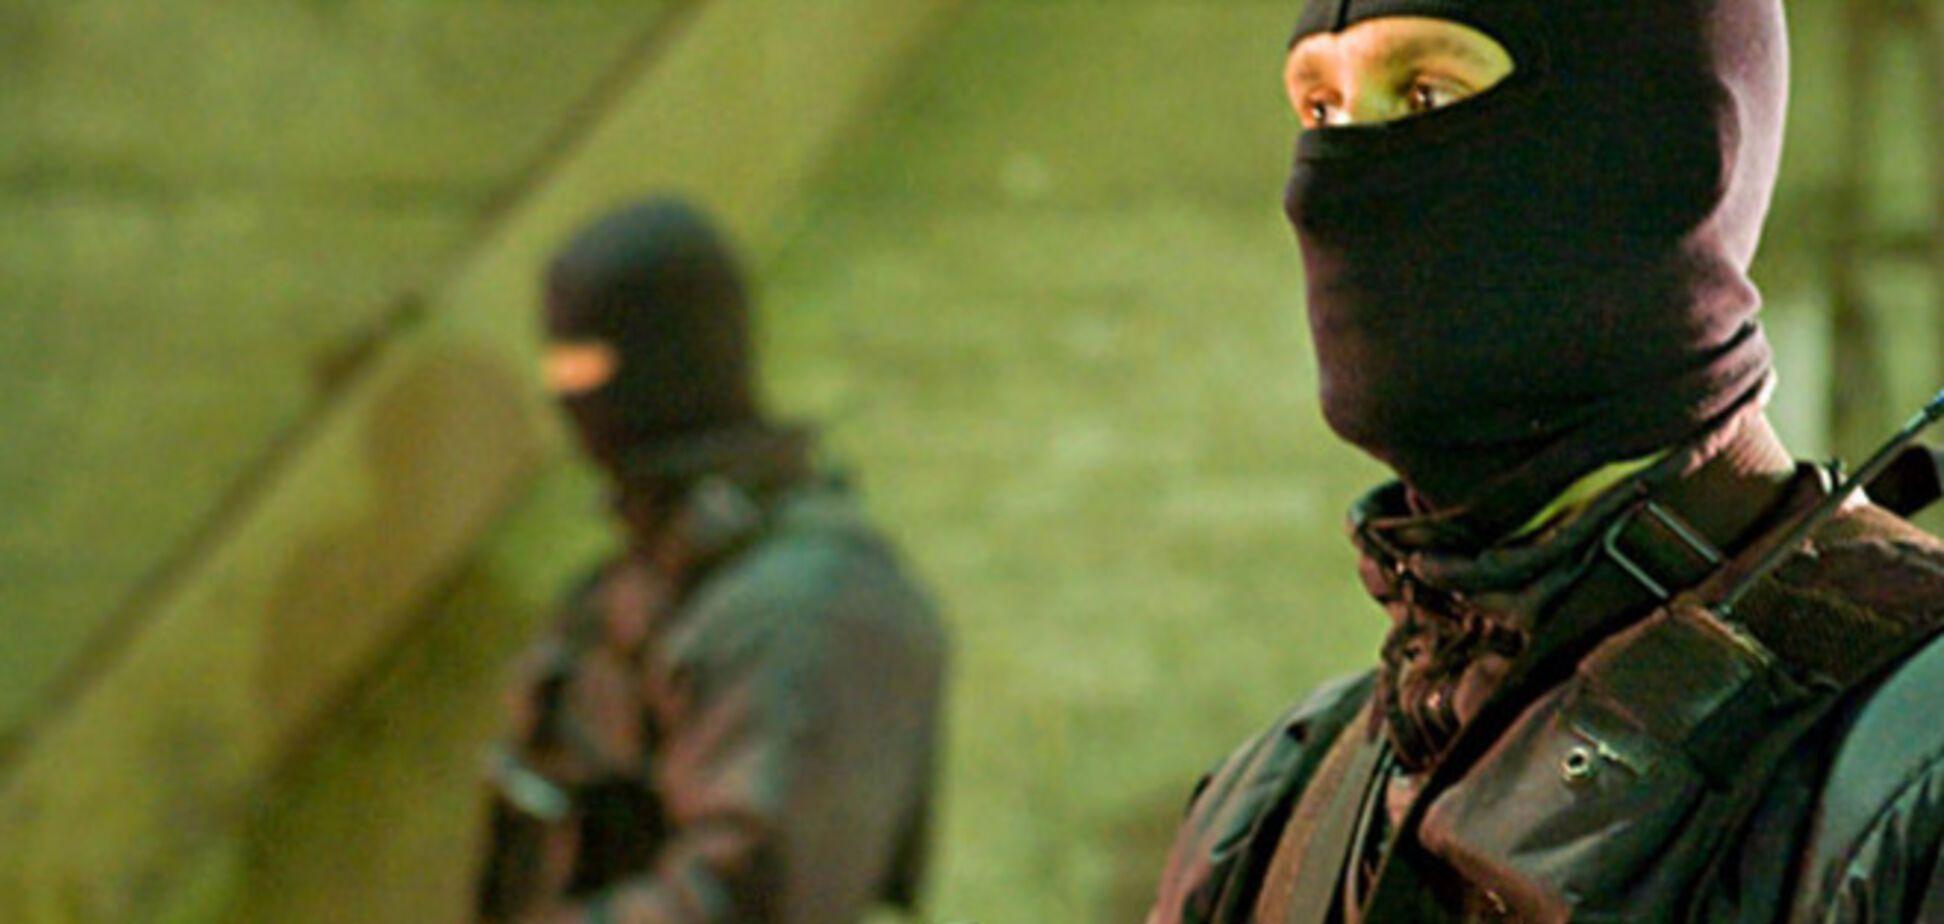 СБУ зловила диверсанта, що працює під видом активіста 'Правого сектора'